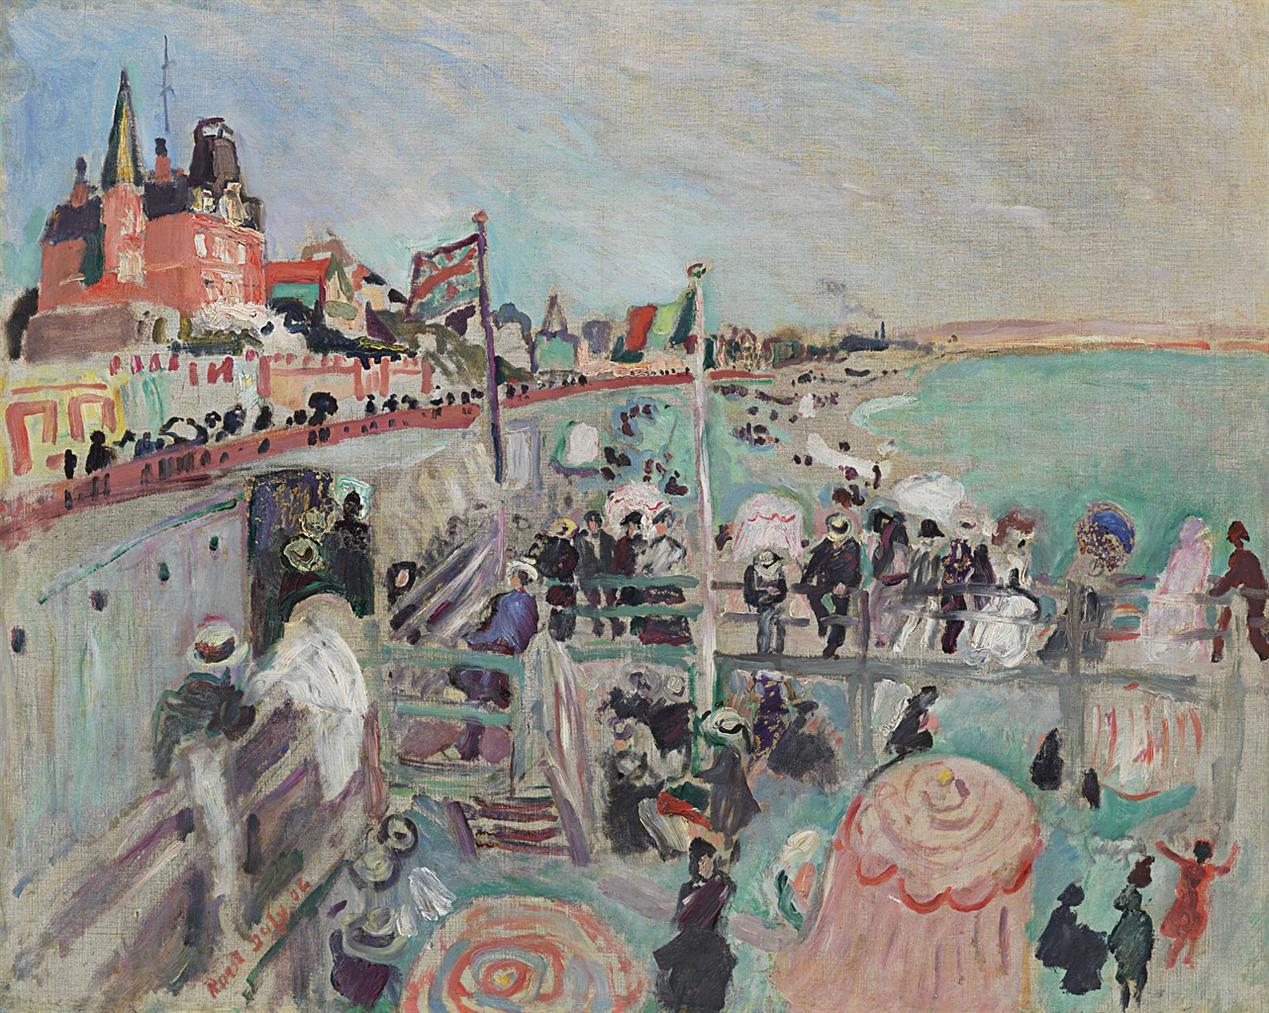 Raoul Dufy-La Plage Du Havre-1906